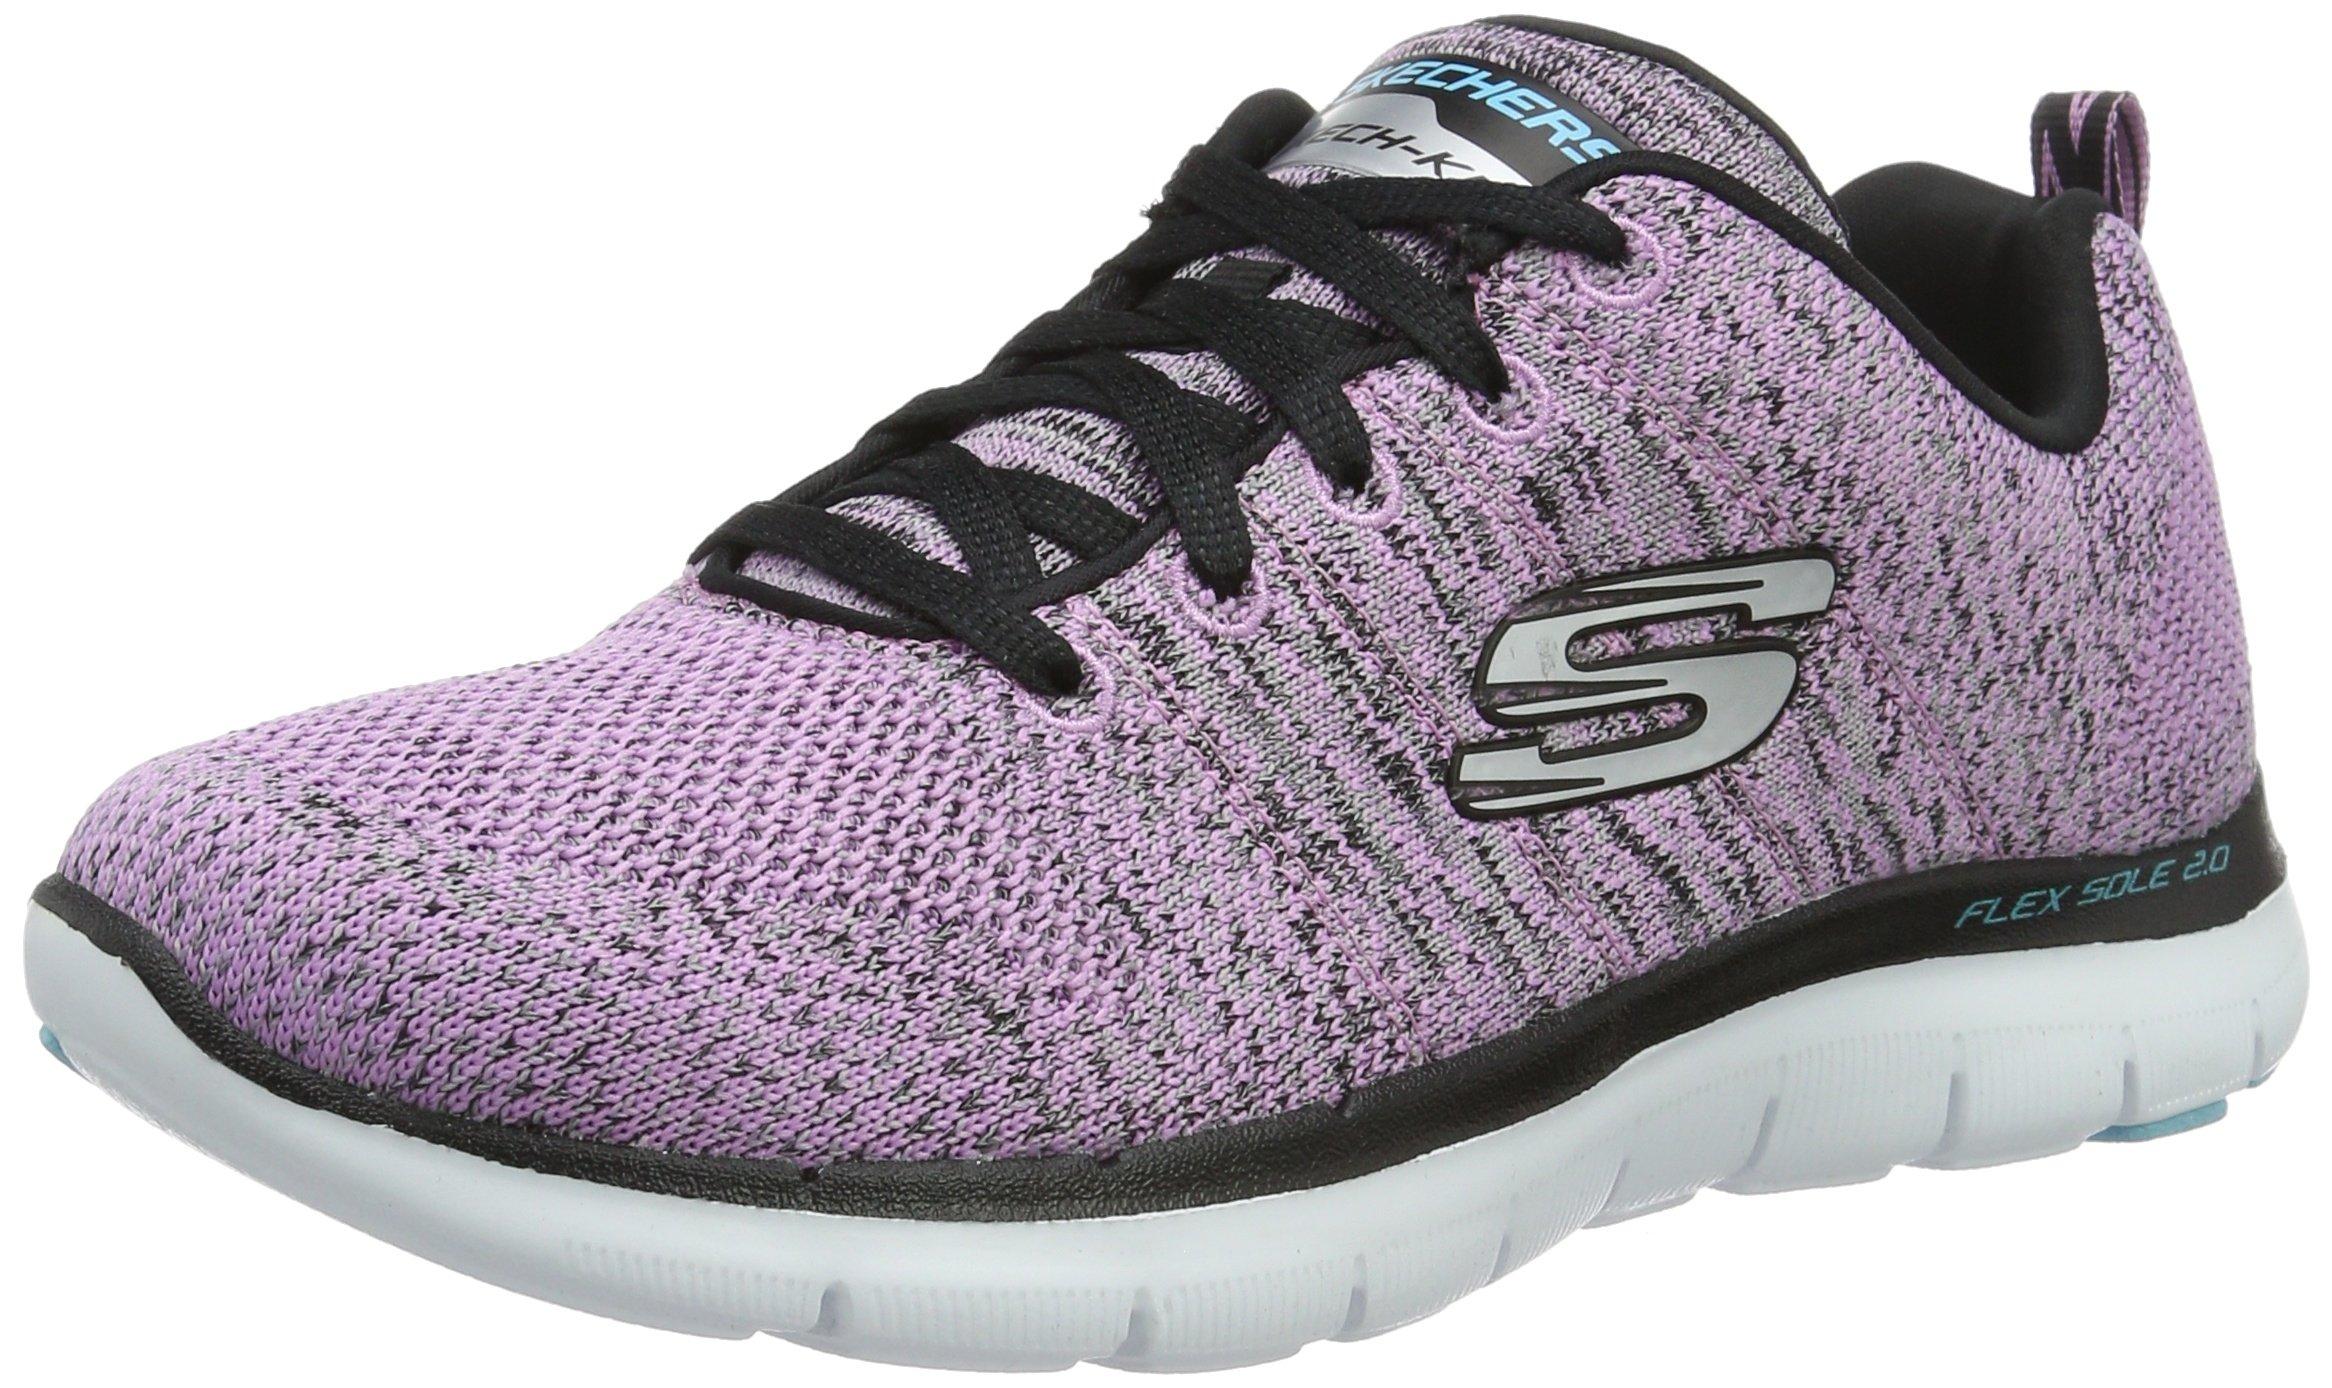 Skechers Flex Appeal 2.0 High Energy Womens Sneakers Lavender 6